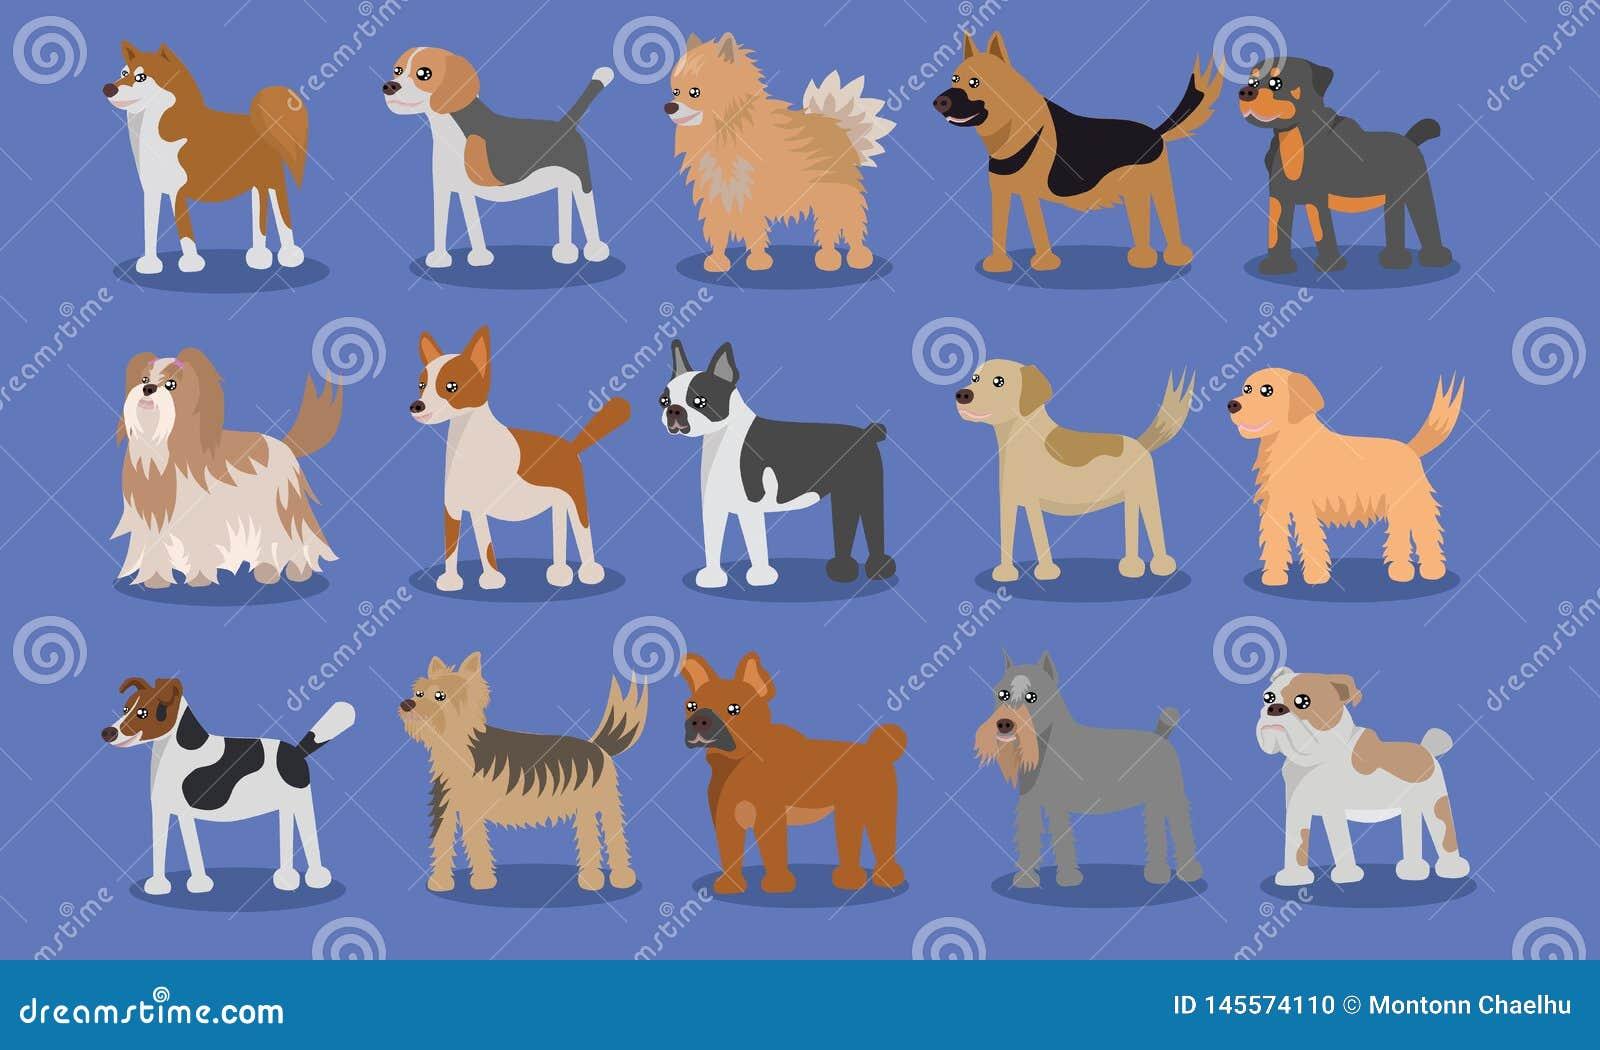 Χαριτωμένο διανυσματικό σχέδιο κινούμενων σχεδίων σκυλιών